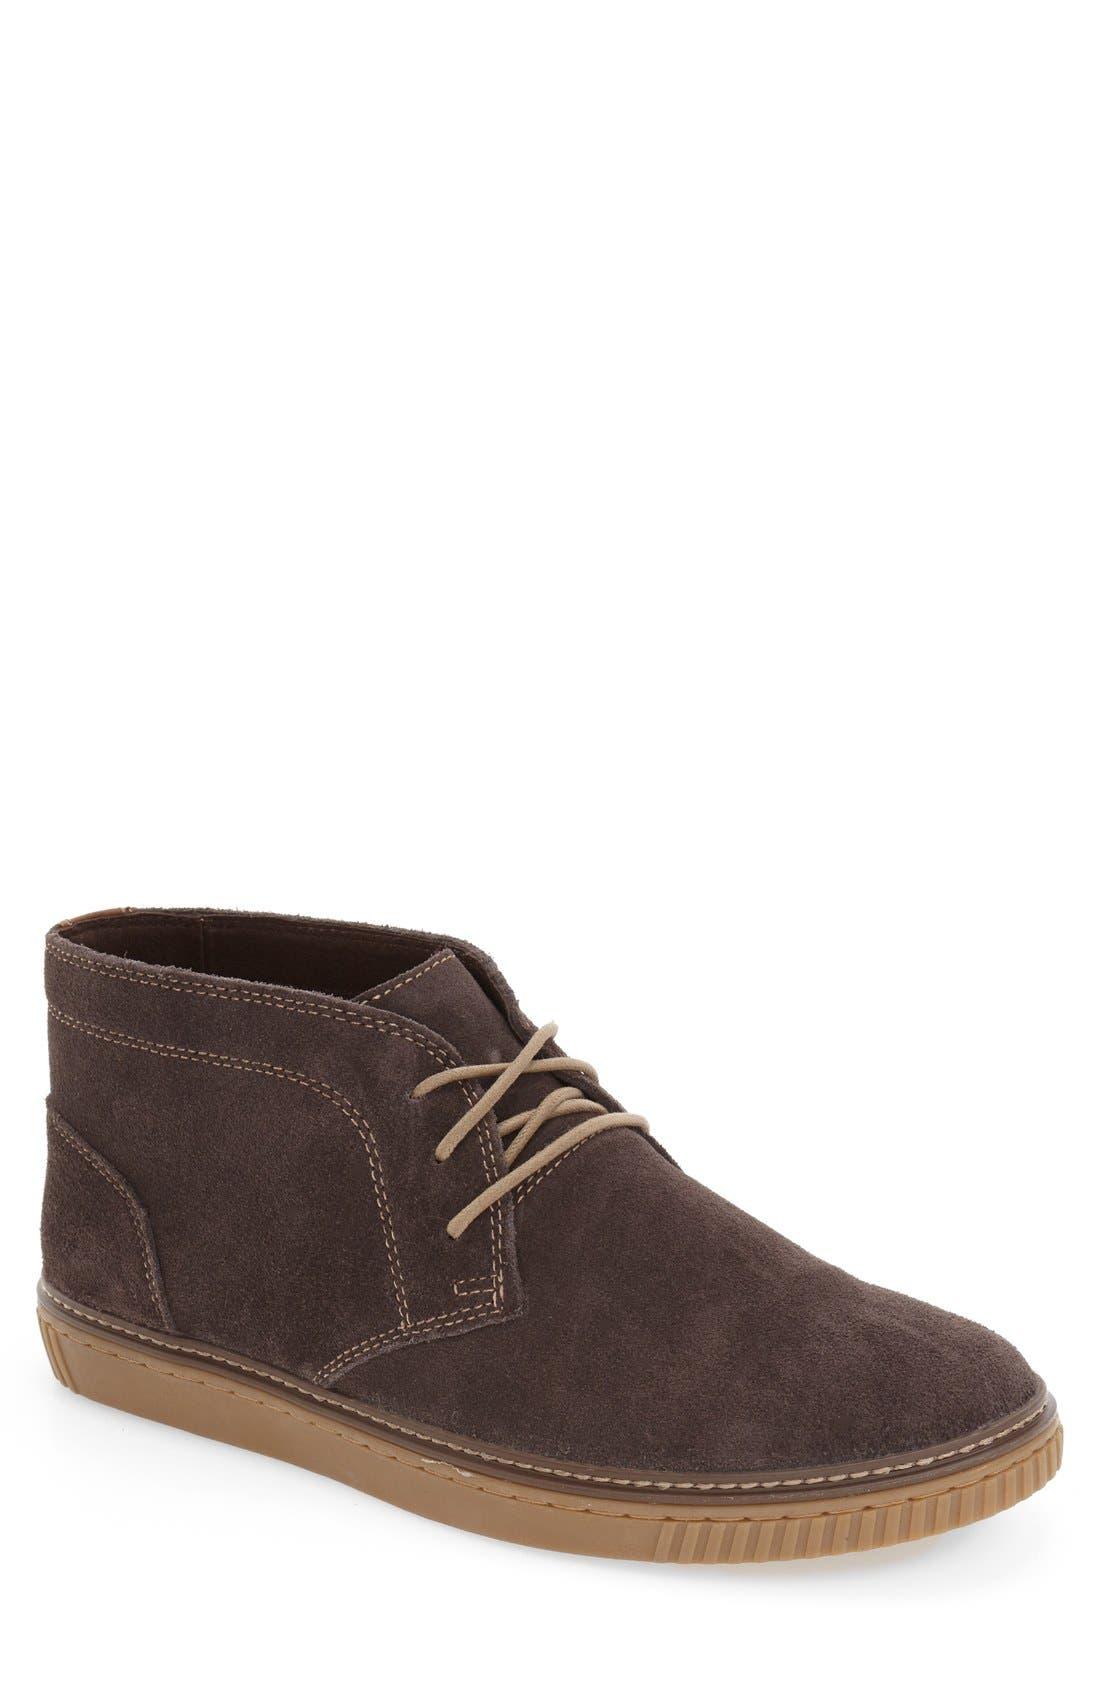 'Wallace' Chukka Boot,                         Main,                         color, 020